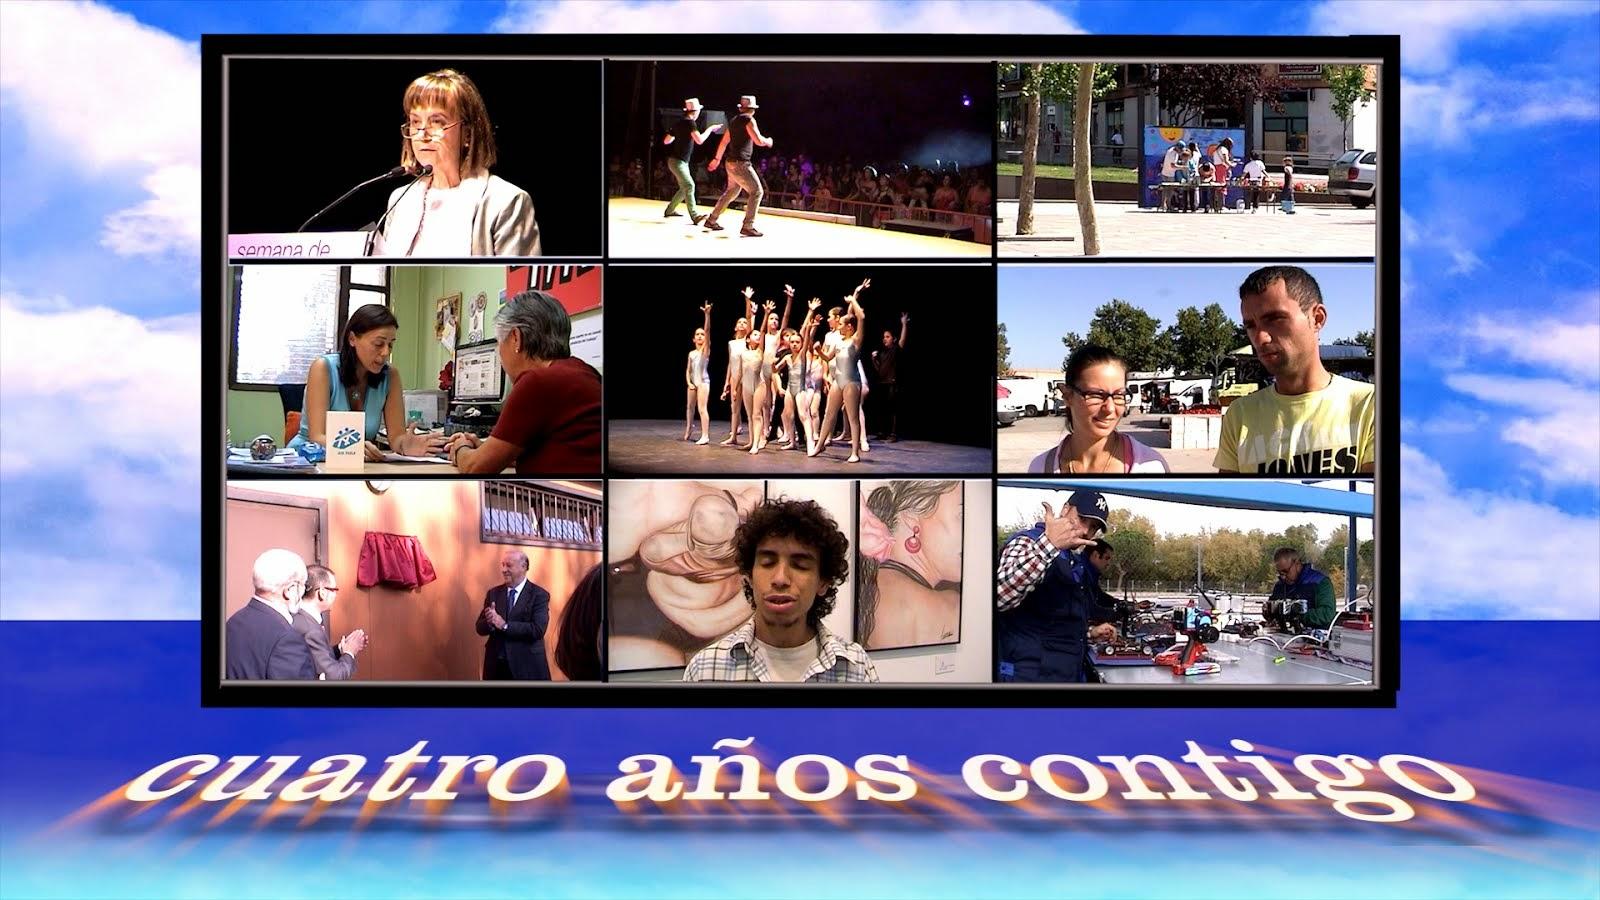 CUATRO AÑOS CONTIGO - Video